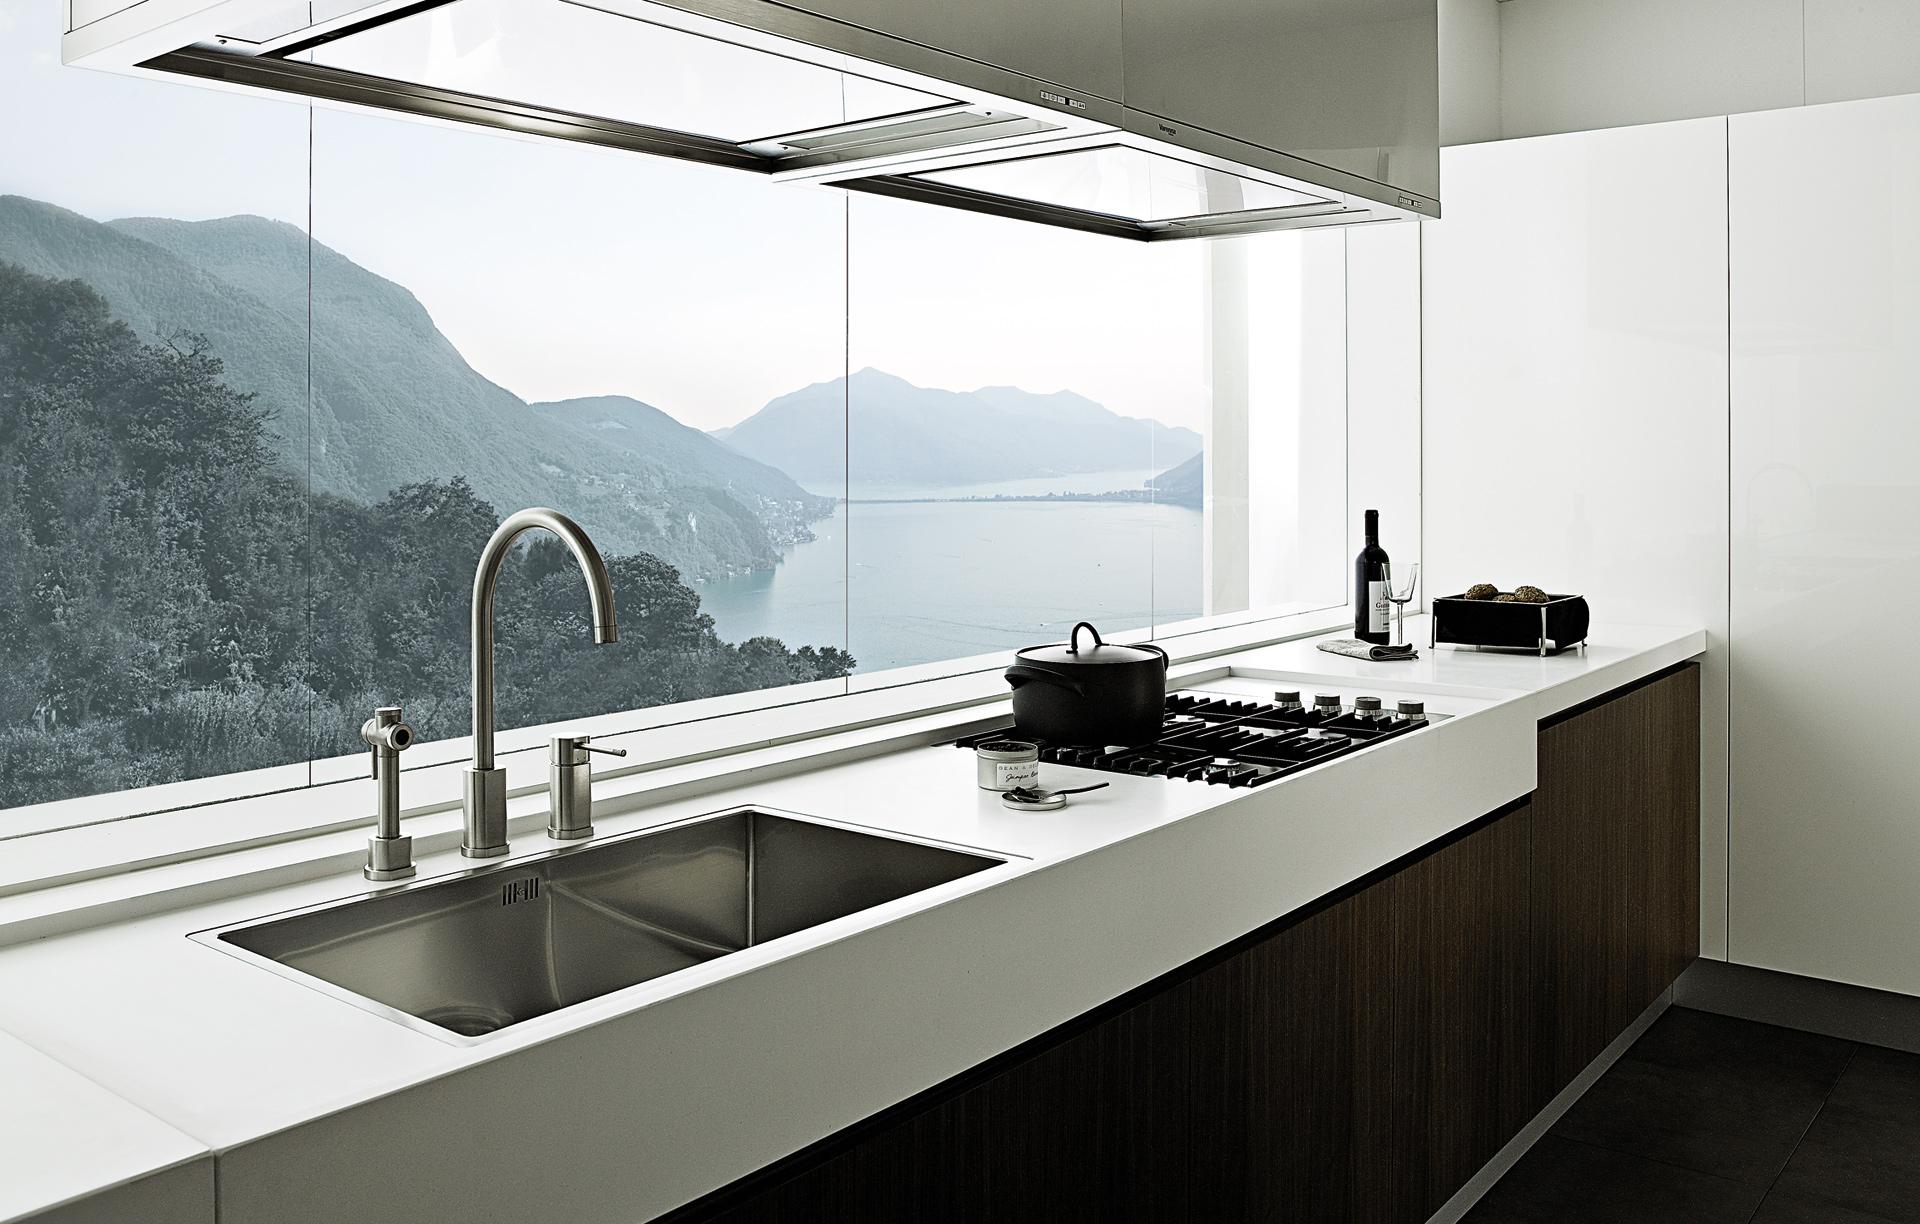 Alea di varenna cucine arredamento mollura home design for Interior design cucine